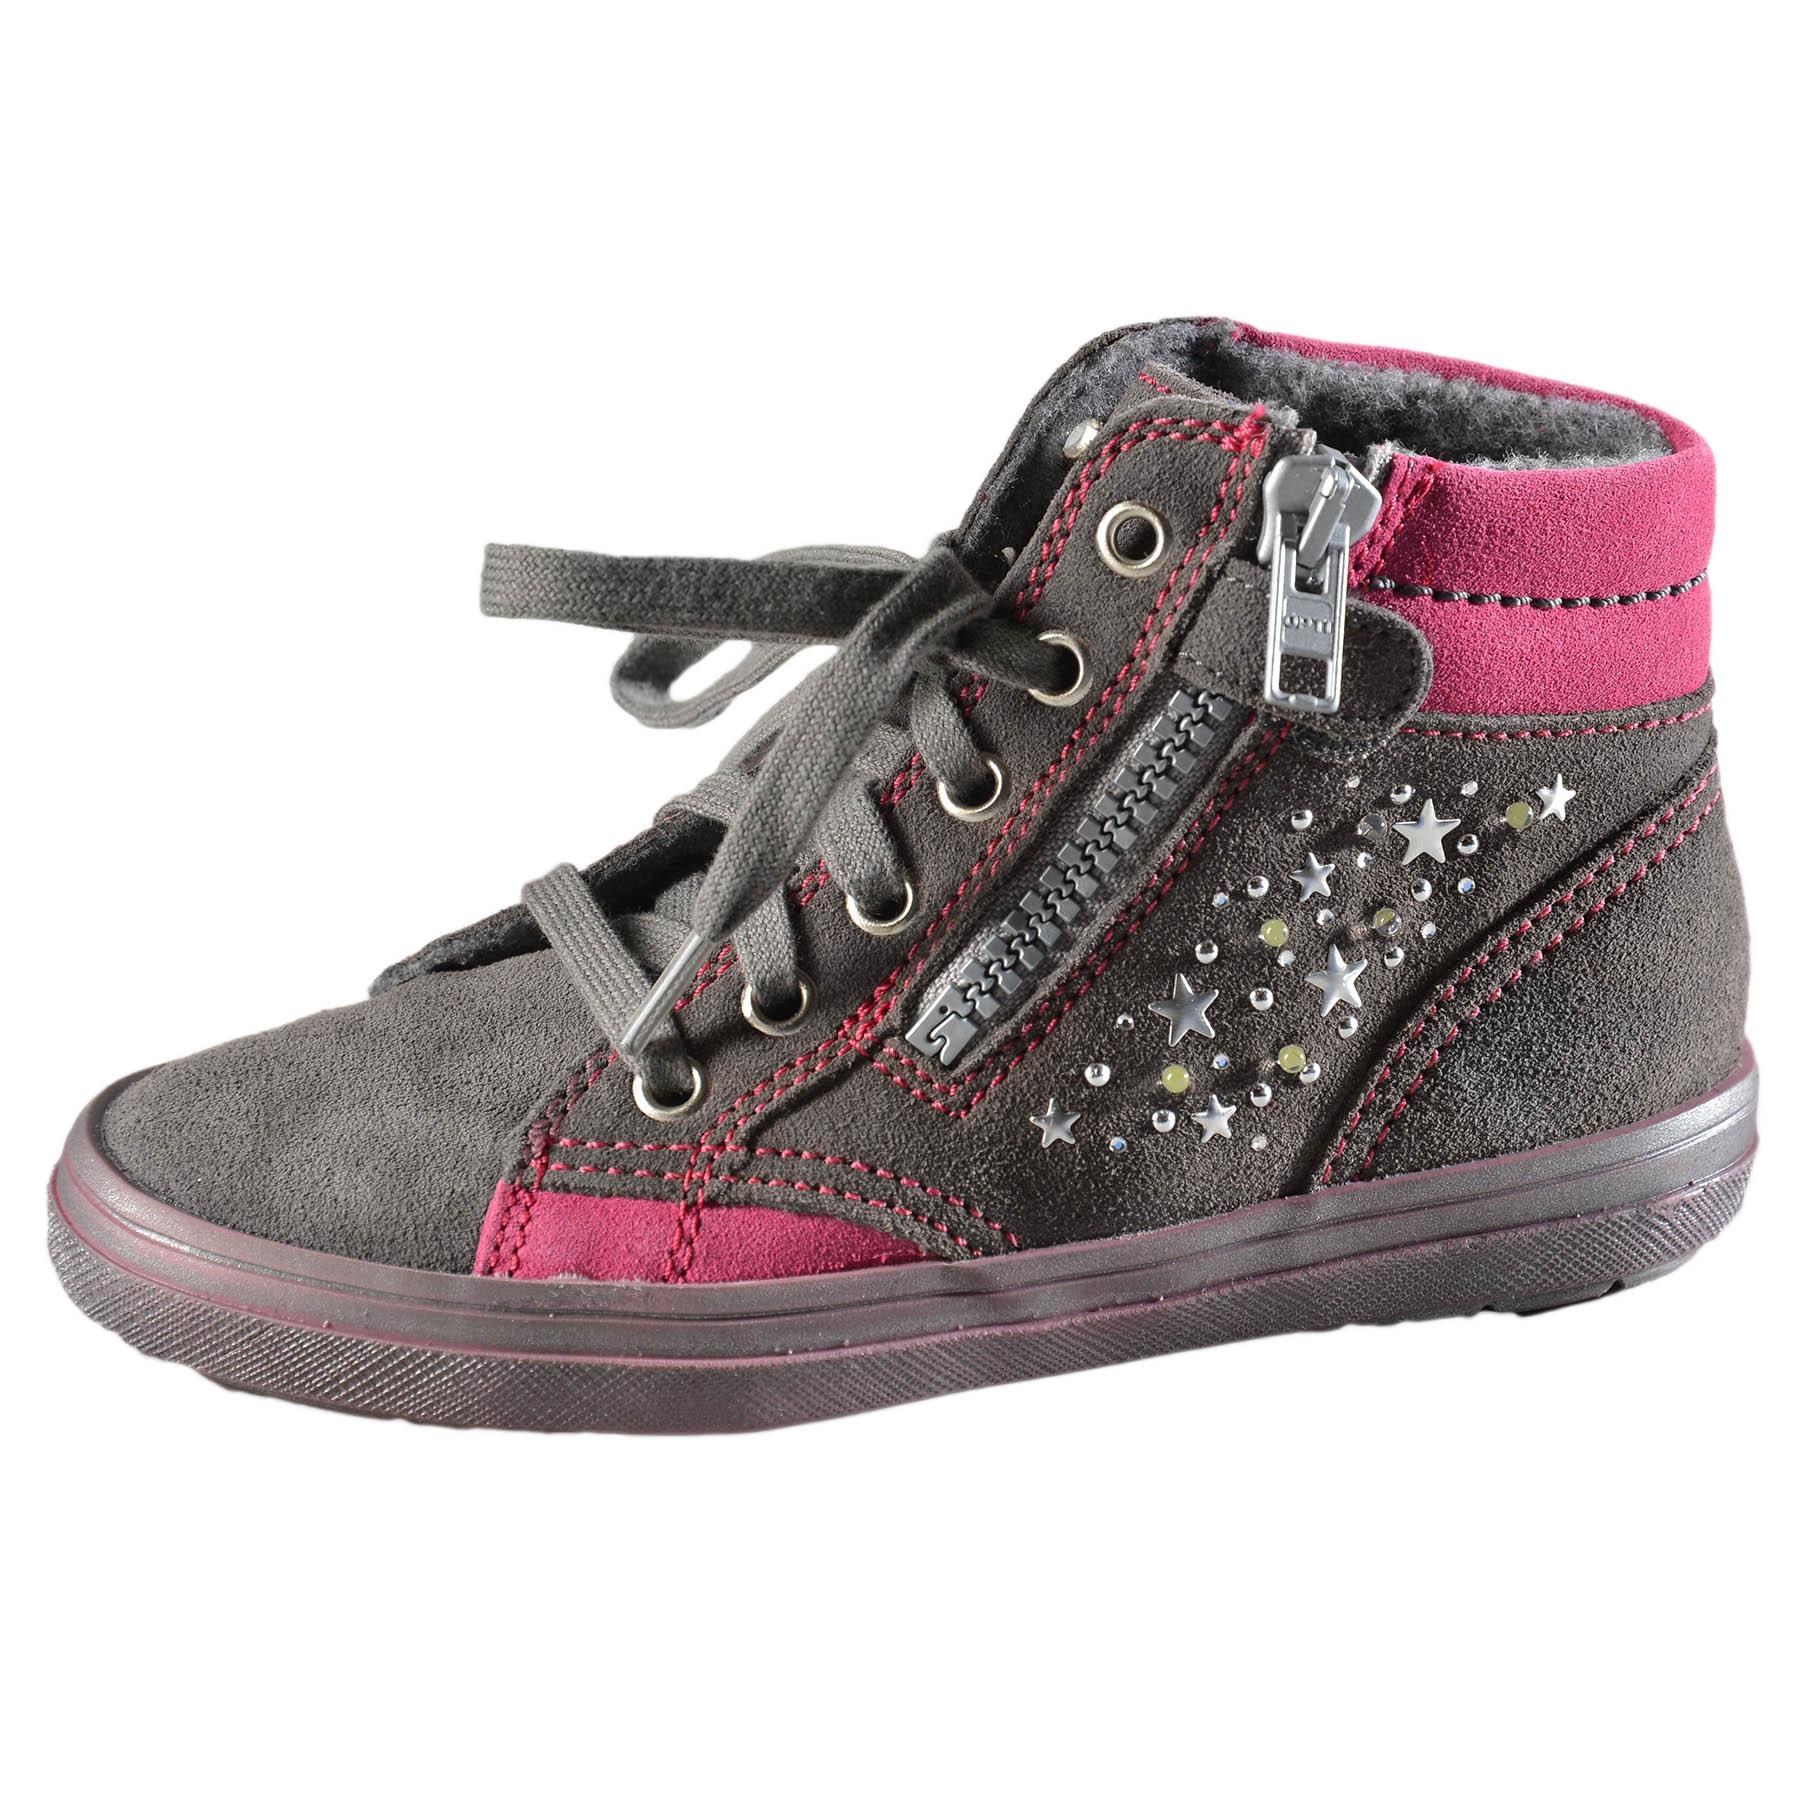 a7b745c44944e Dievčenské blikajúce topánky Richter - 4449-6611 | Lollipopkids.sk